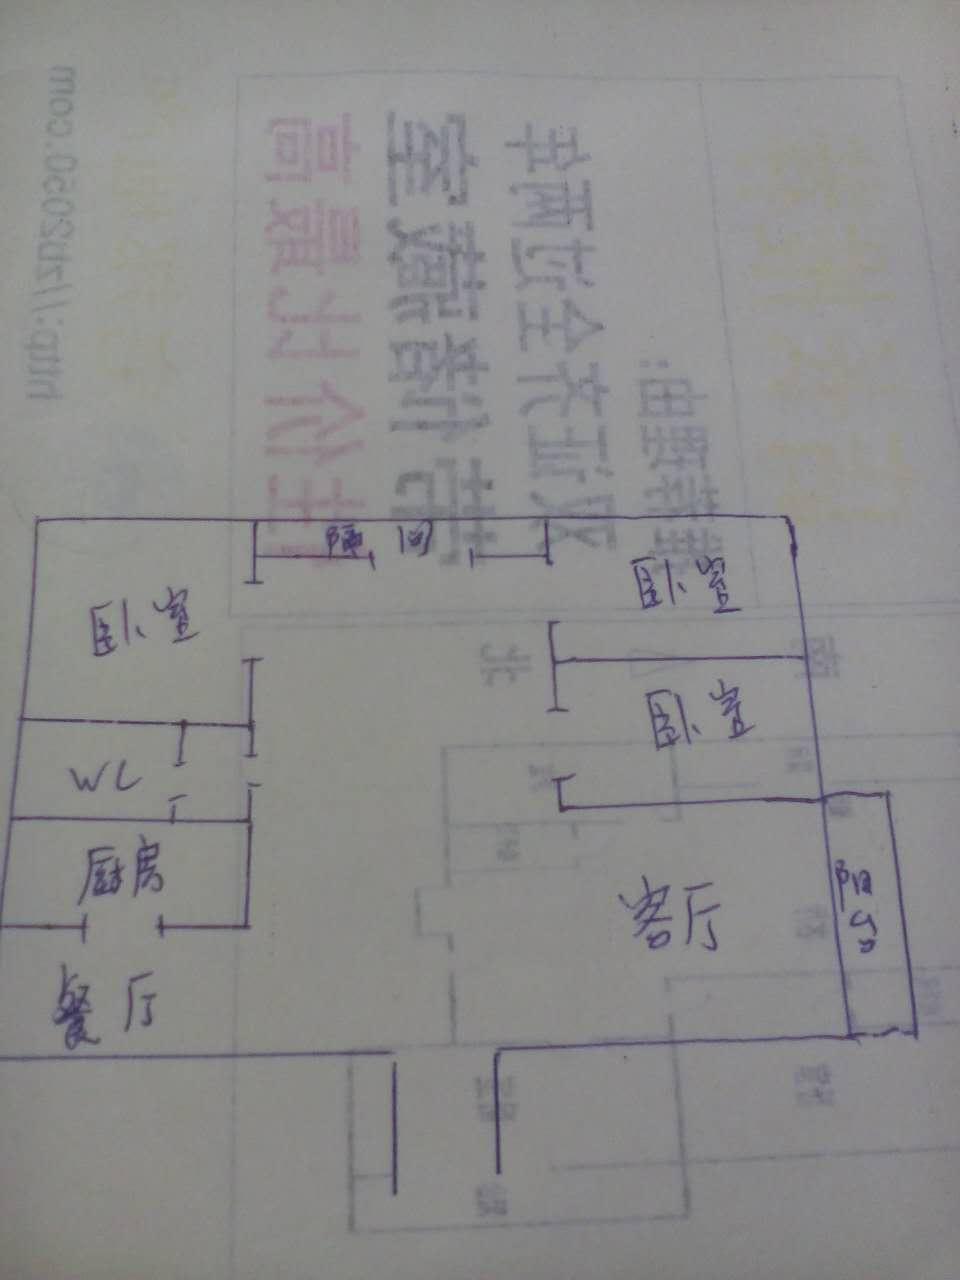 新城市花园小区 3室2厅 2楼